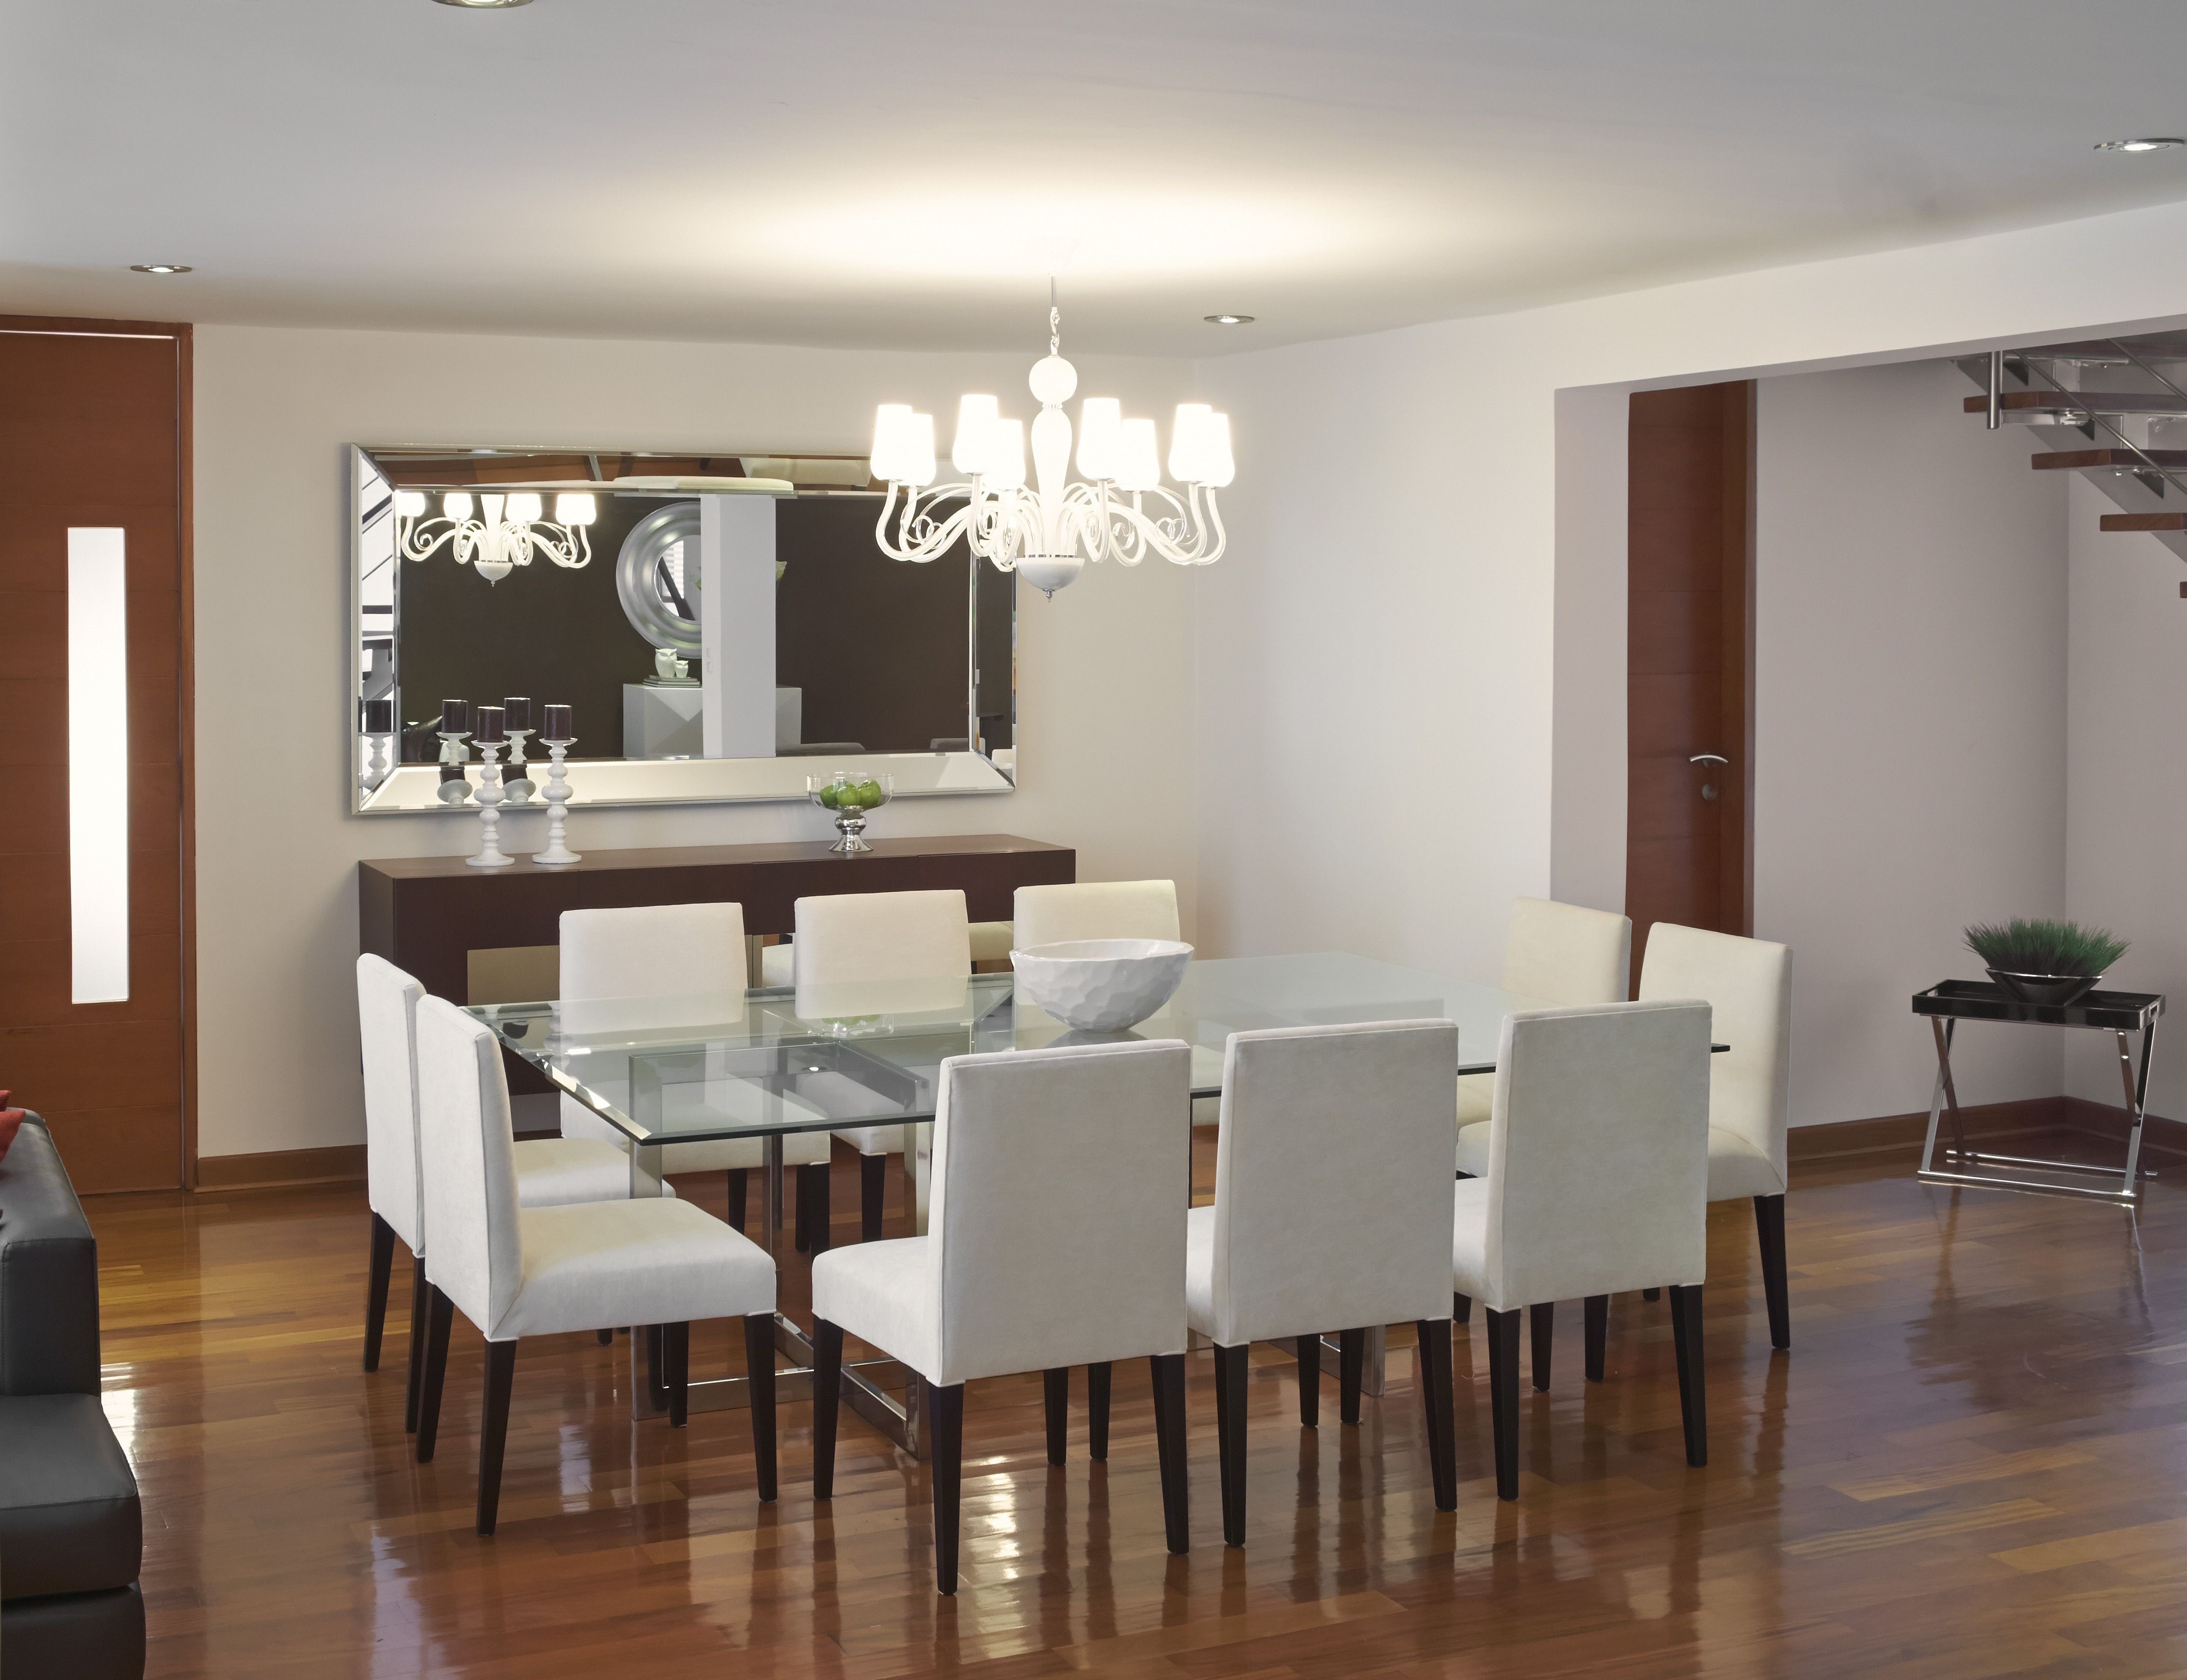 Vista desde la sala hacia el comedor resalta la luminaria for Espejos horizontales para comedor